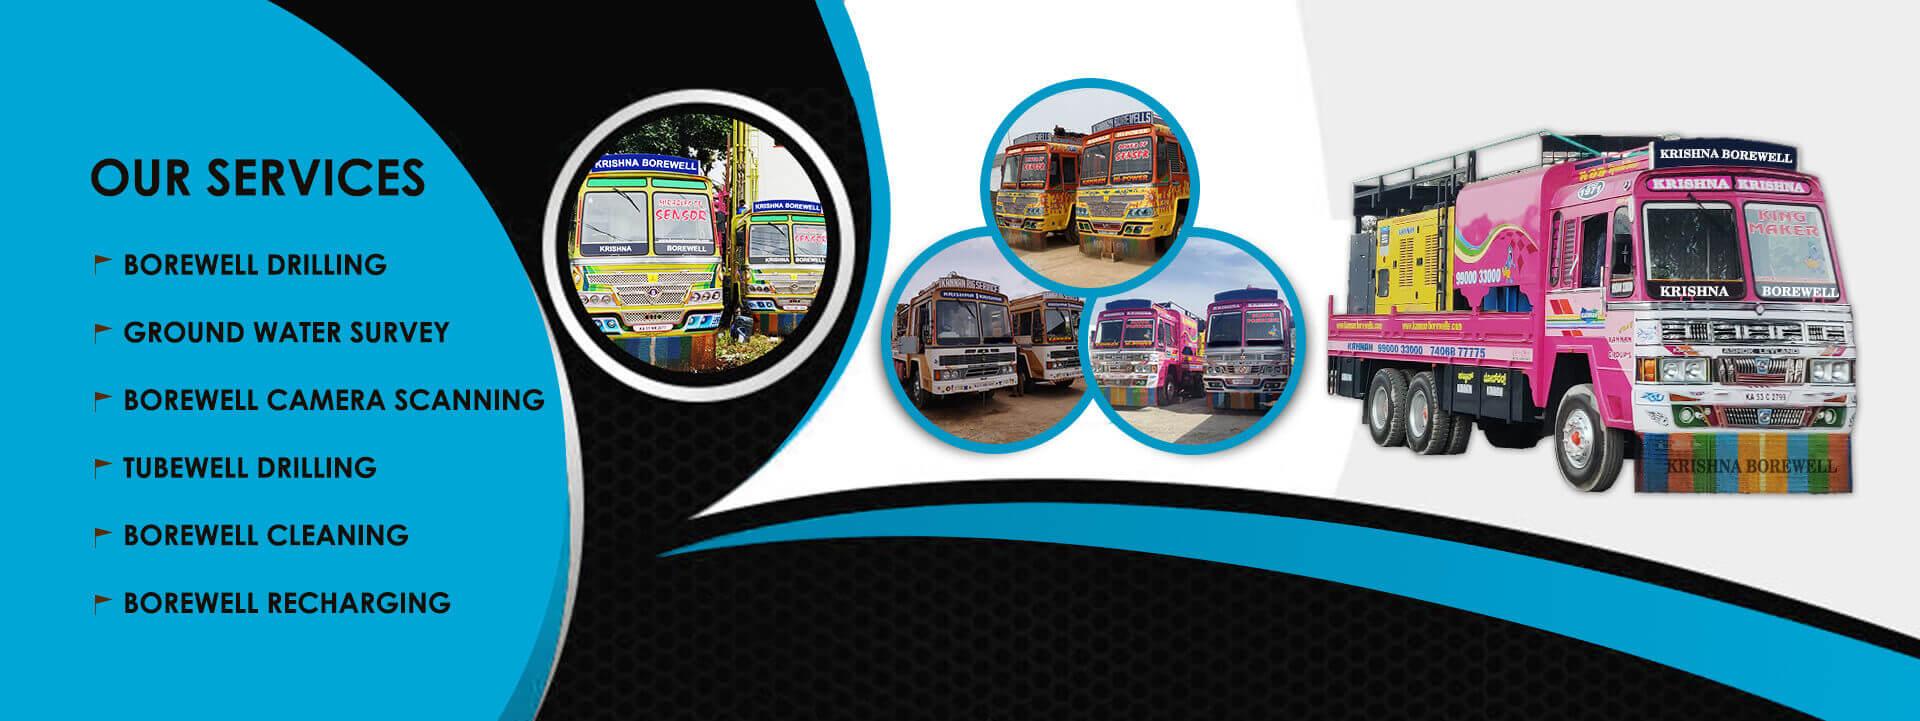 Borewell Drilling Contractors in Bangalore | Krishna Borewell